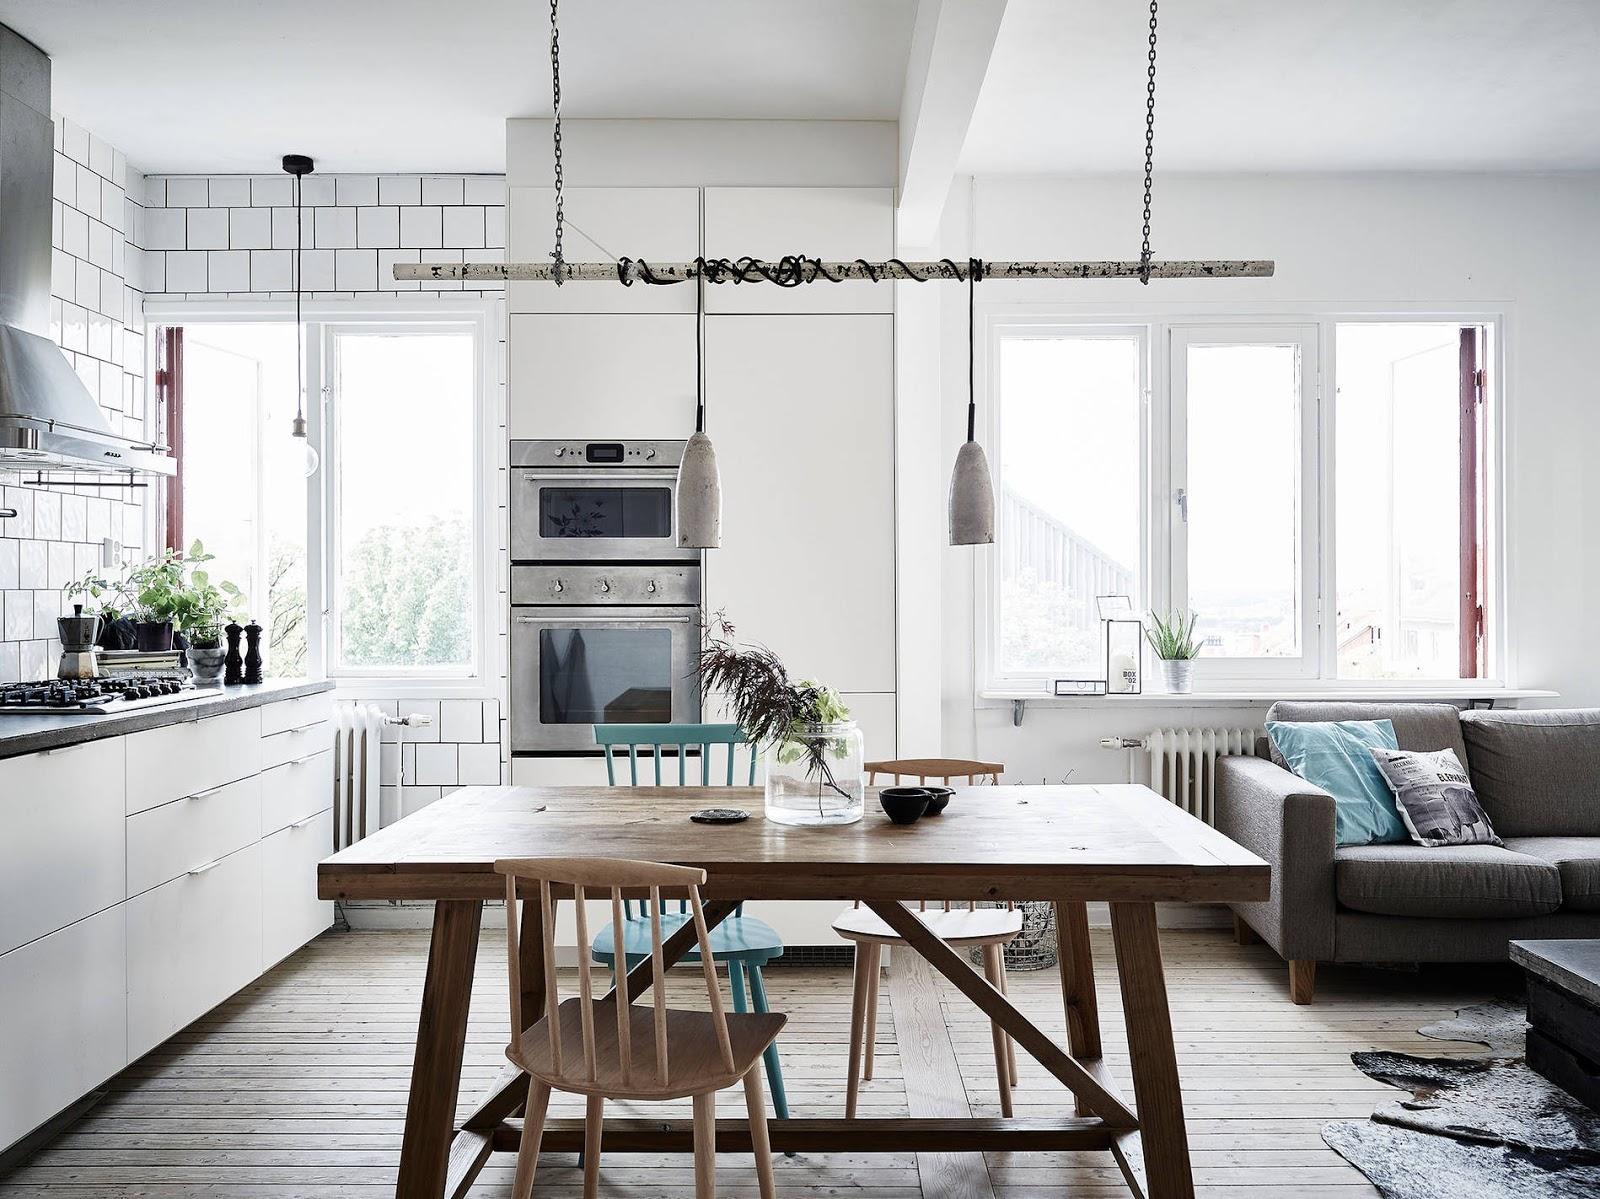 turkusowe krzesło, miętowe krzesło, skandynawska kuchnia